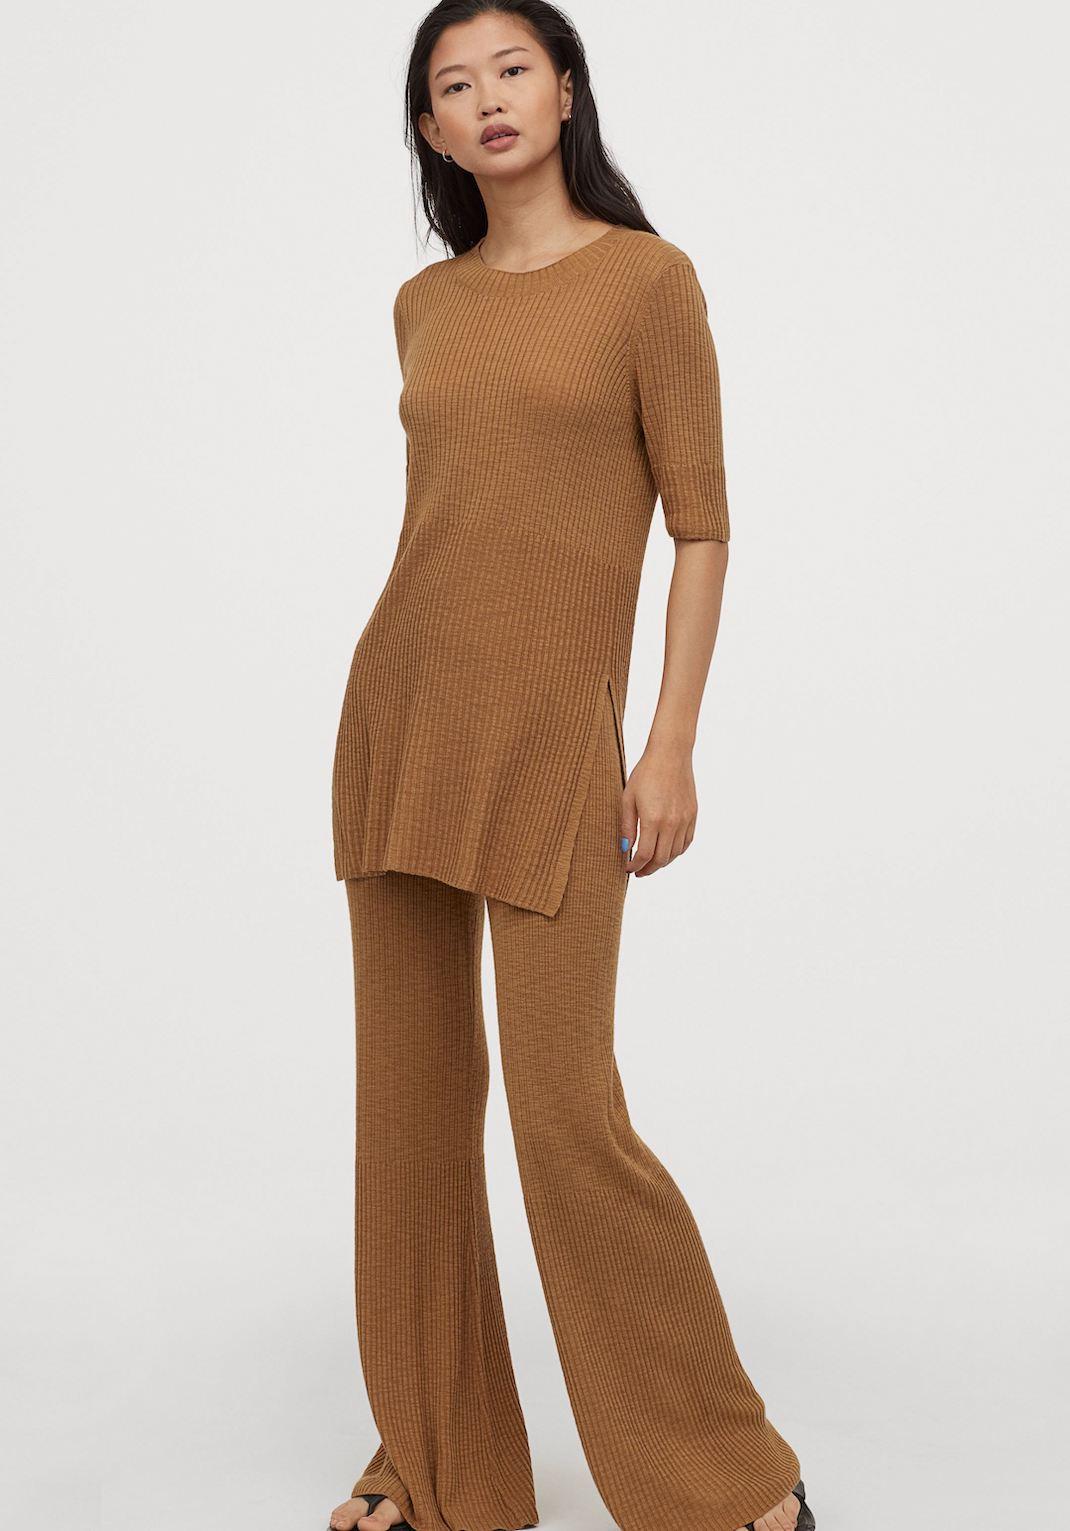 μοντέλο με πλεκτό παντελόνι ΗΜ